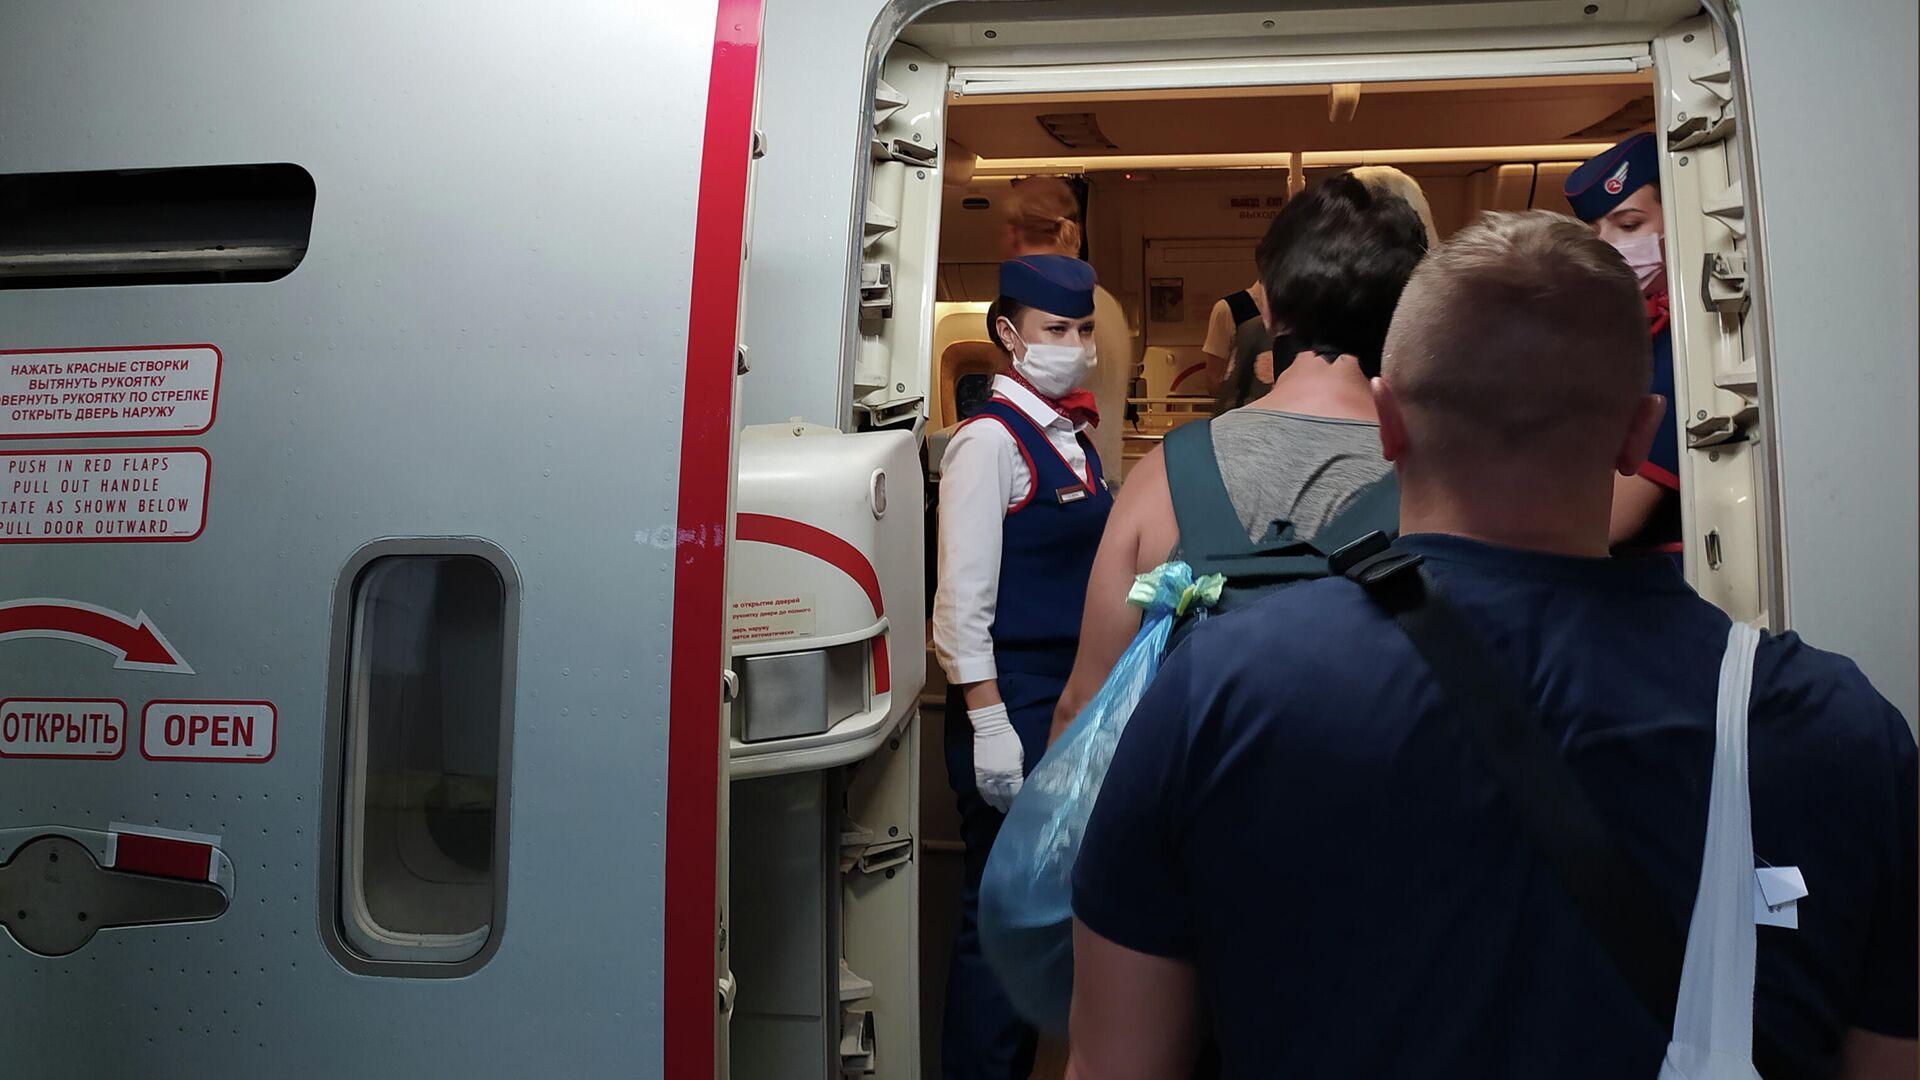 Российские граждане поднимаются на борт самолета авиакомпании Россия в аэропорту Денпасара перед полетом в Москву - РИА Новости, 1920, 11.01.2021